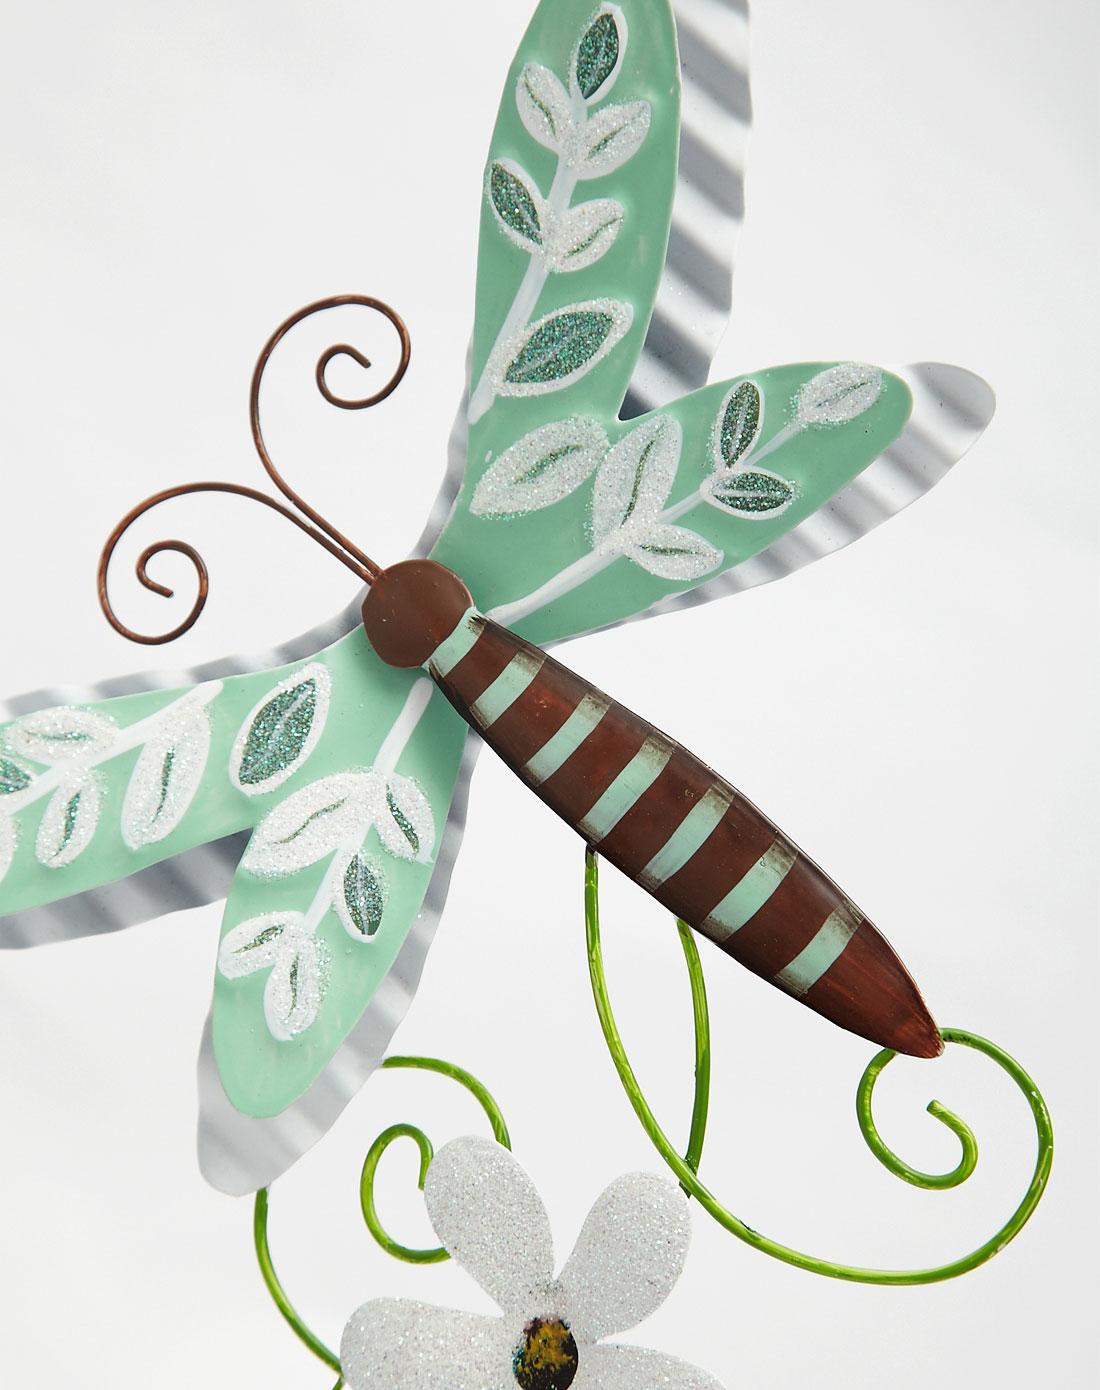 花园小清新手绘玻璃装饰风铃两件套